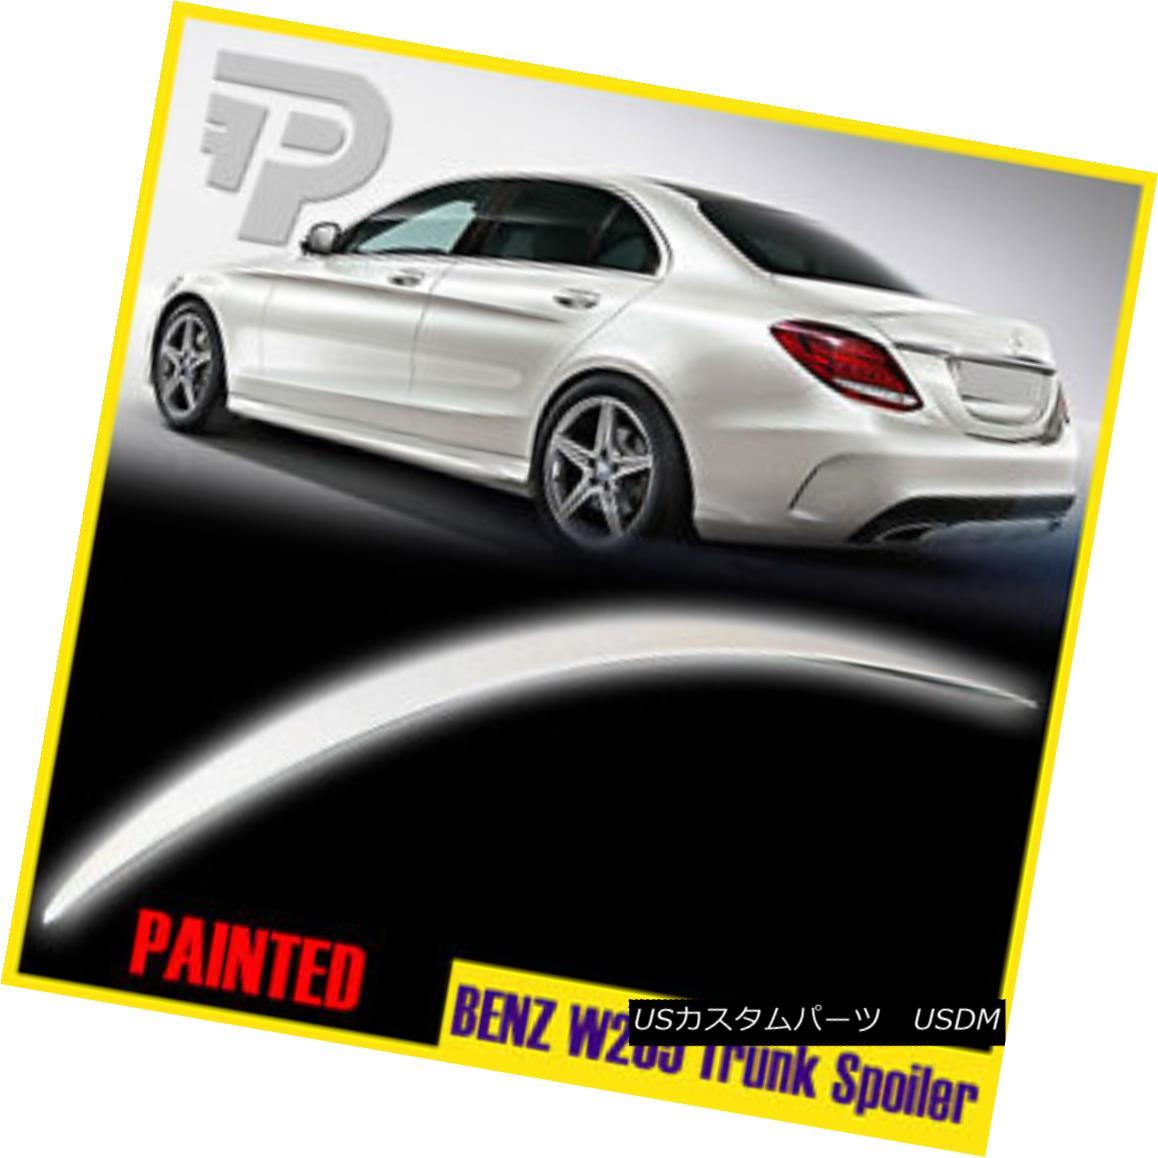 エアロパーツ Painted #799 Trunk Wing Spoiler Mercedes BENZ W205 C300 Saloon A-Look C-Class ペイント#799トランクウィングスポイラーメルセデスベンツW205 C300サルーンAルックCクラス